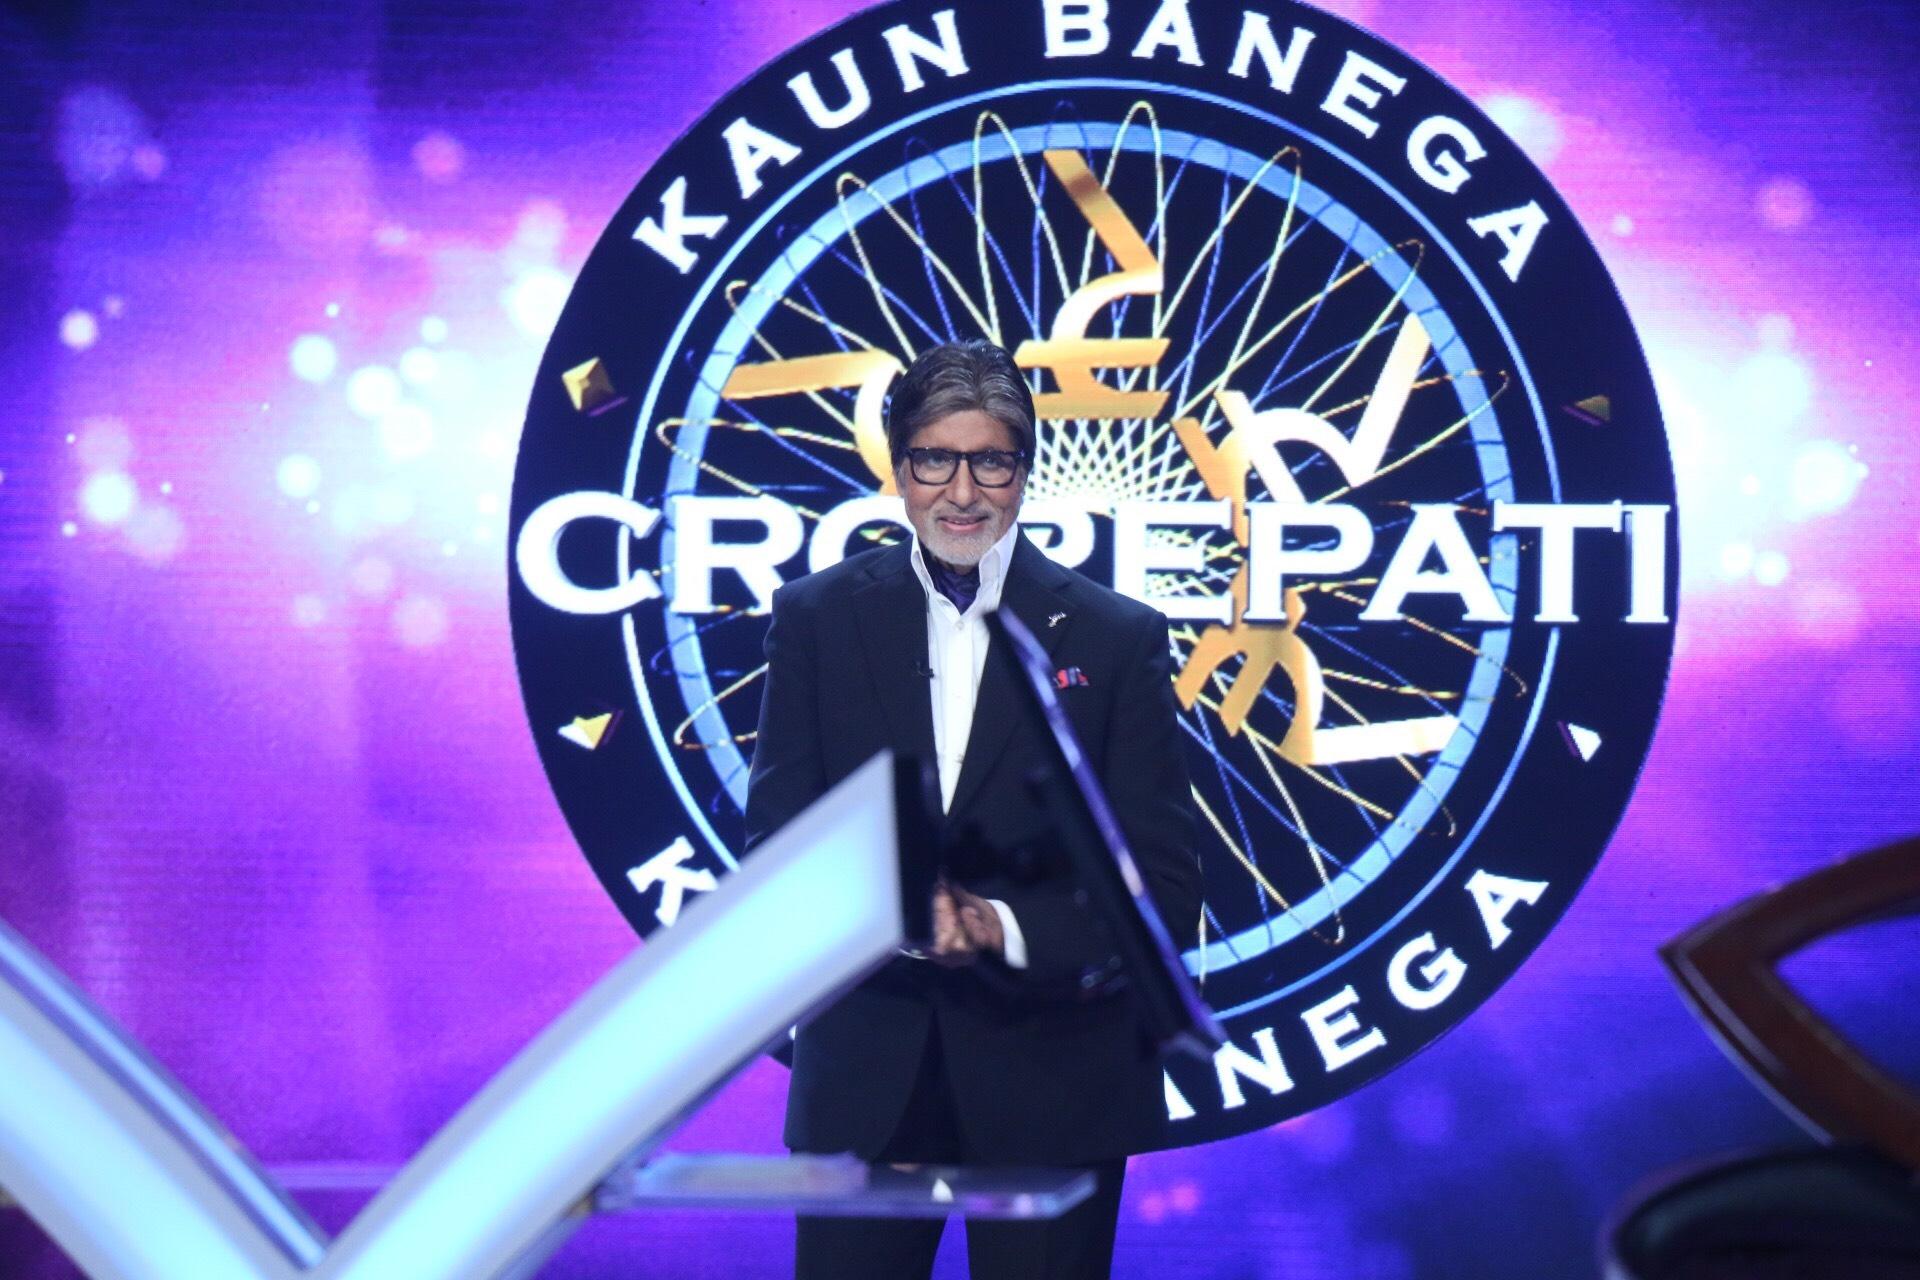 Kaun Banega Crorepati 10 starts from tonight- here is what